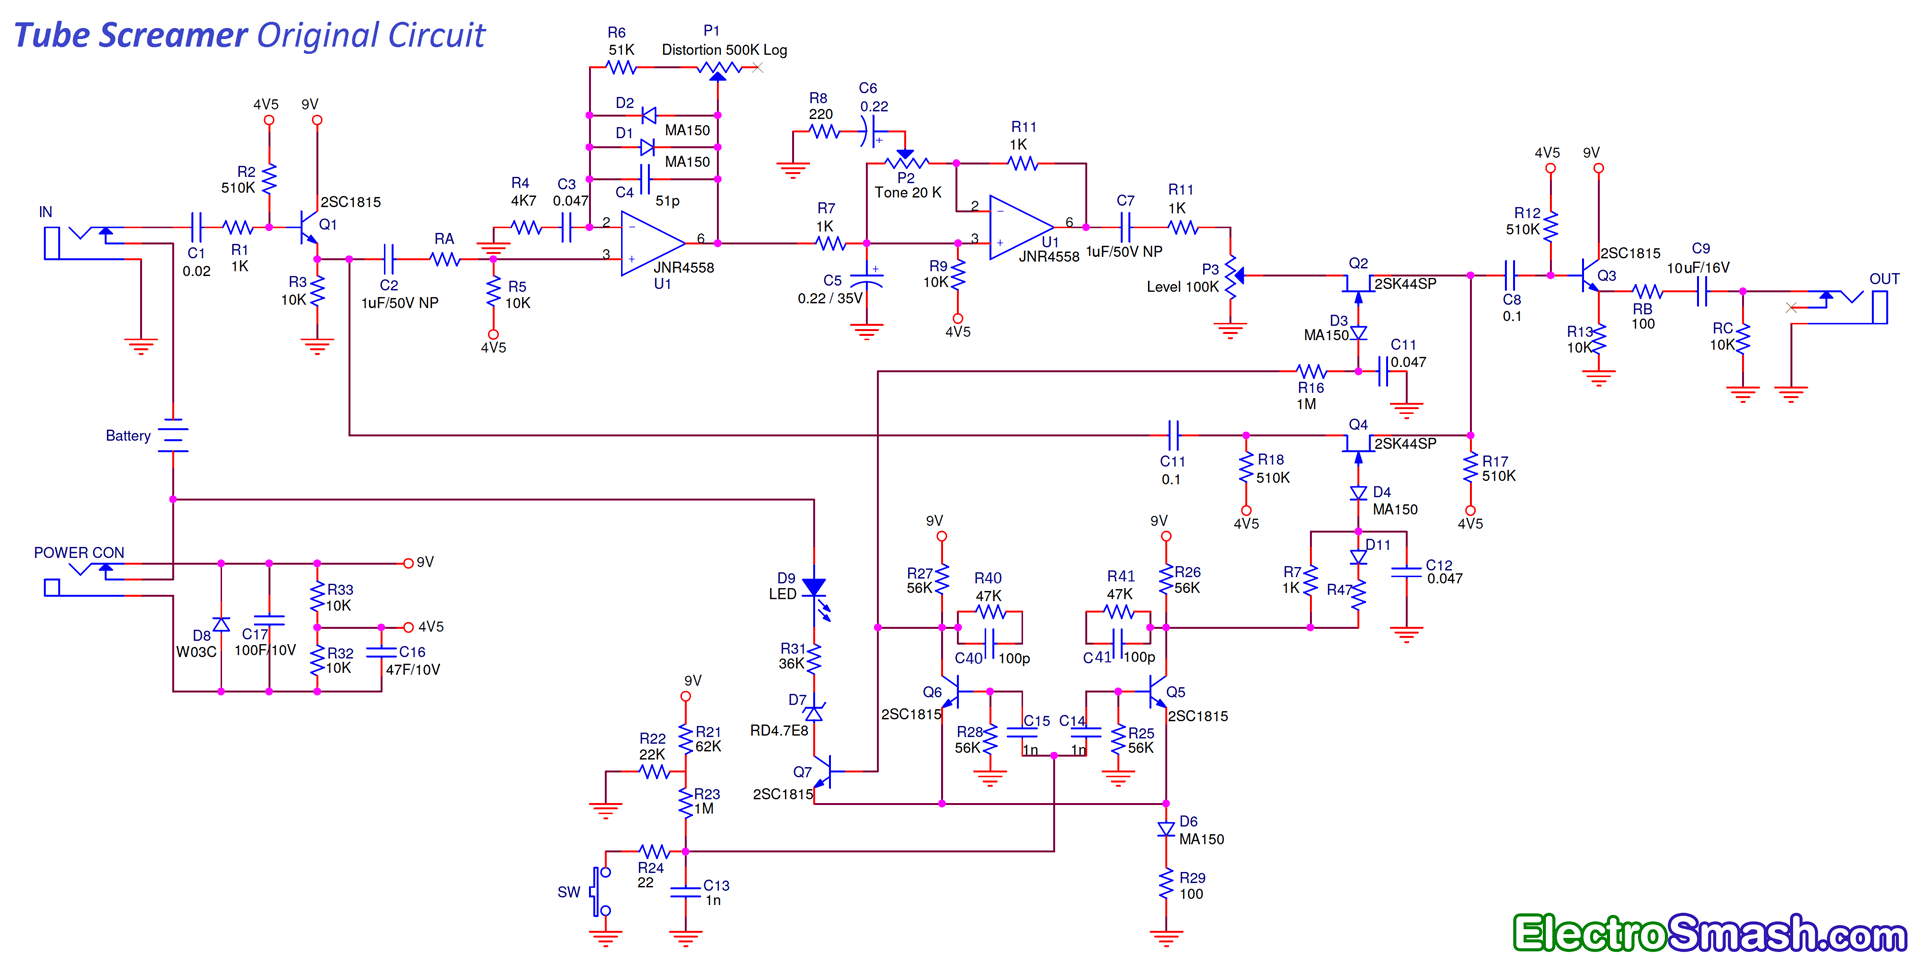 Electrosmash